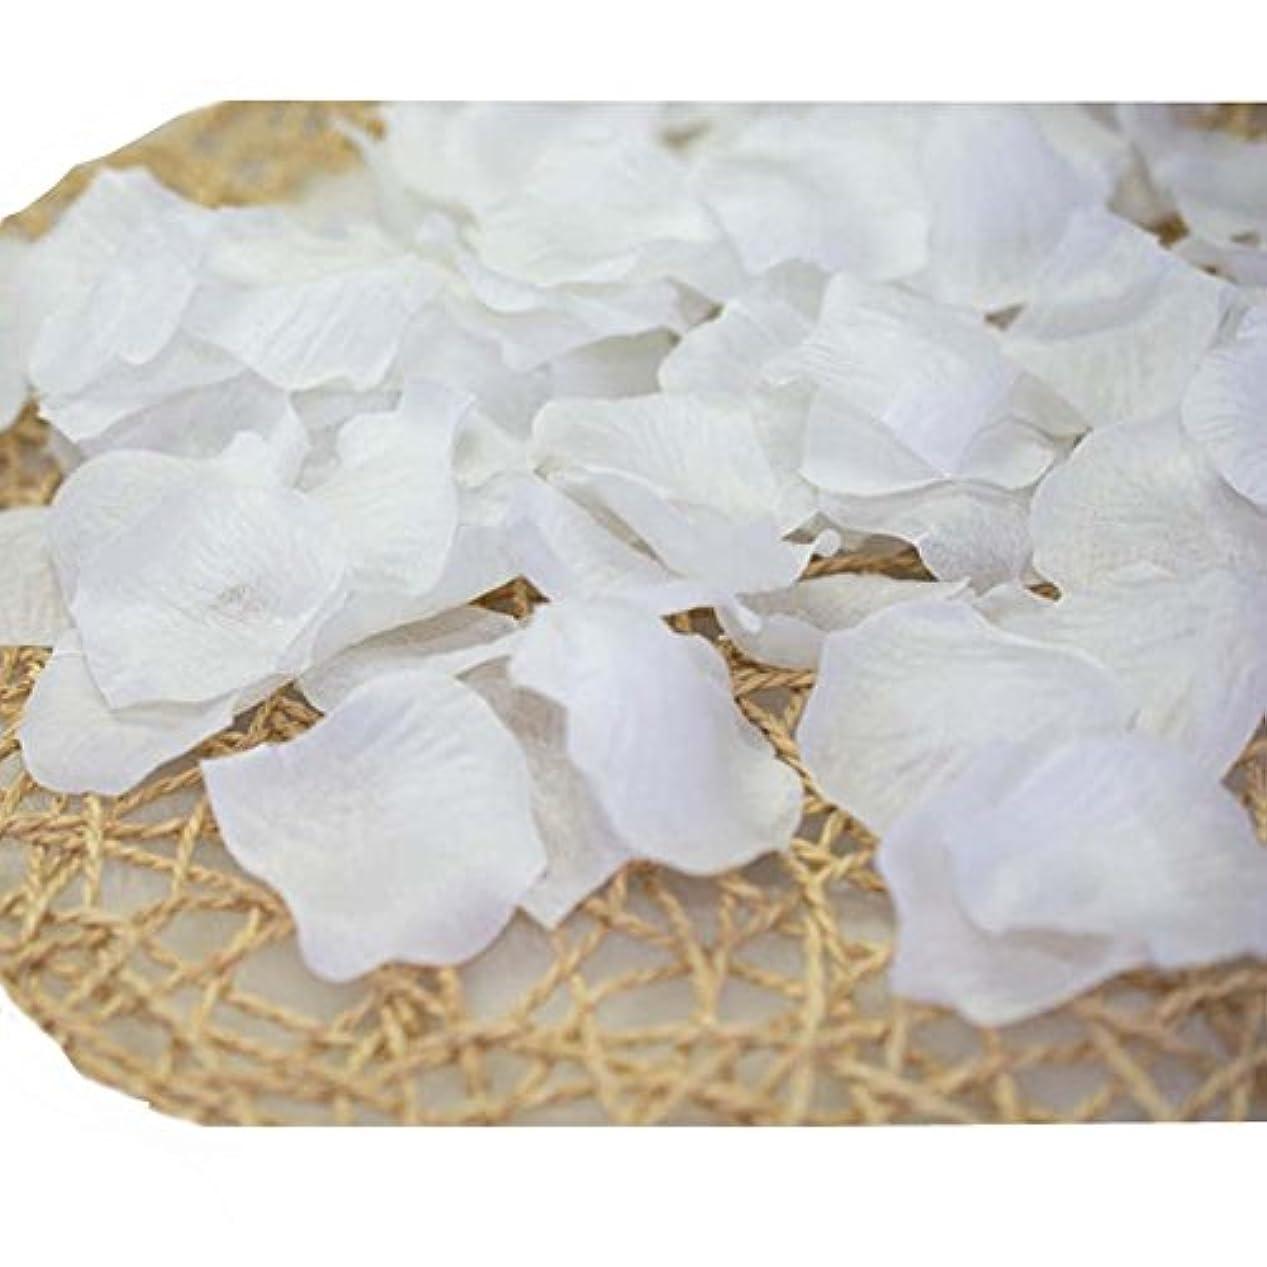 種をまくだます制約結婚式のための人工花びら白840のセット